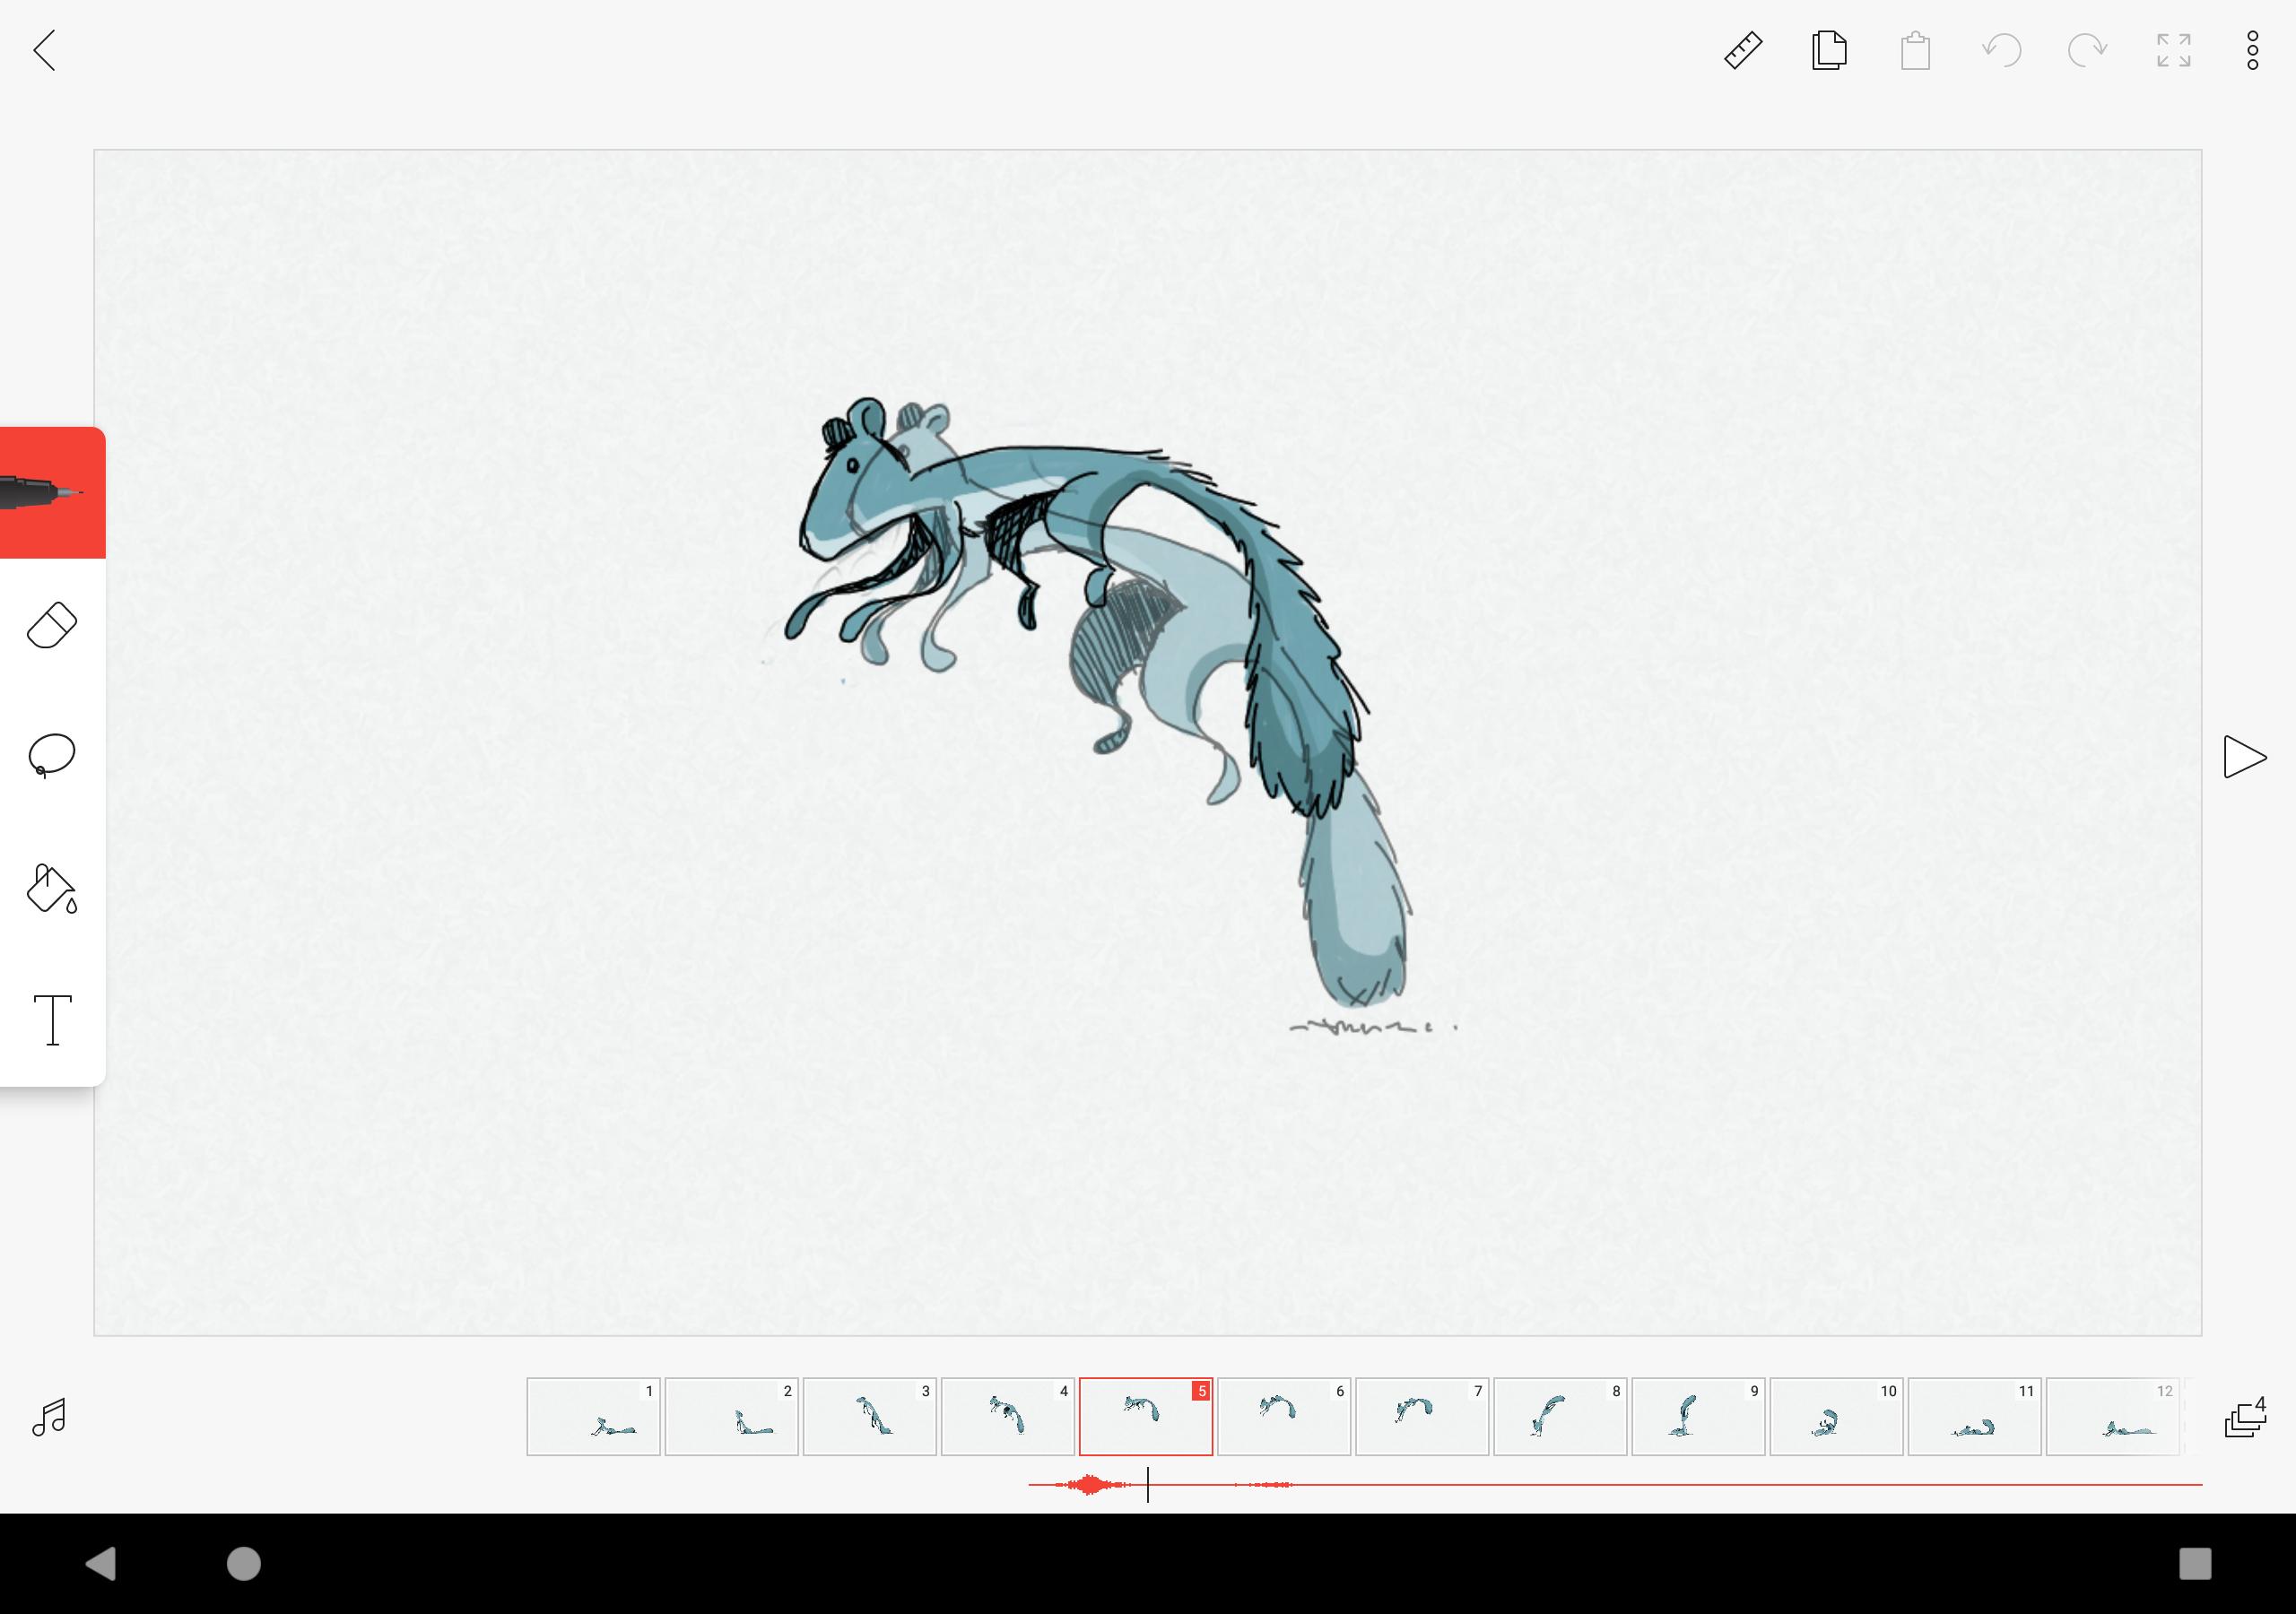 FlipaClip: l'animation image par image accessible à tous.